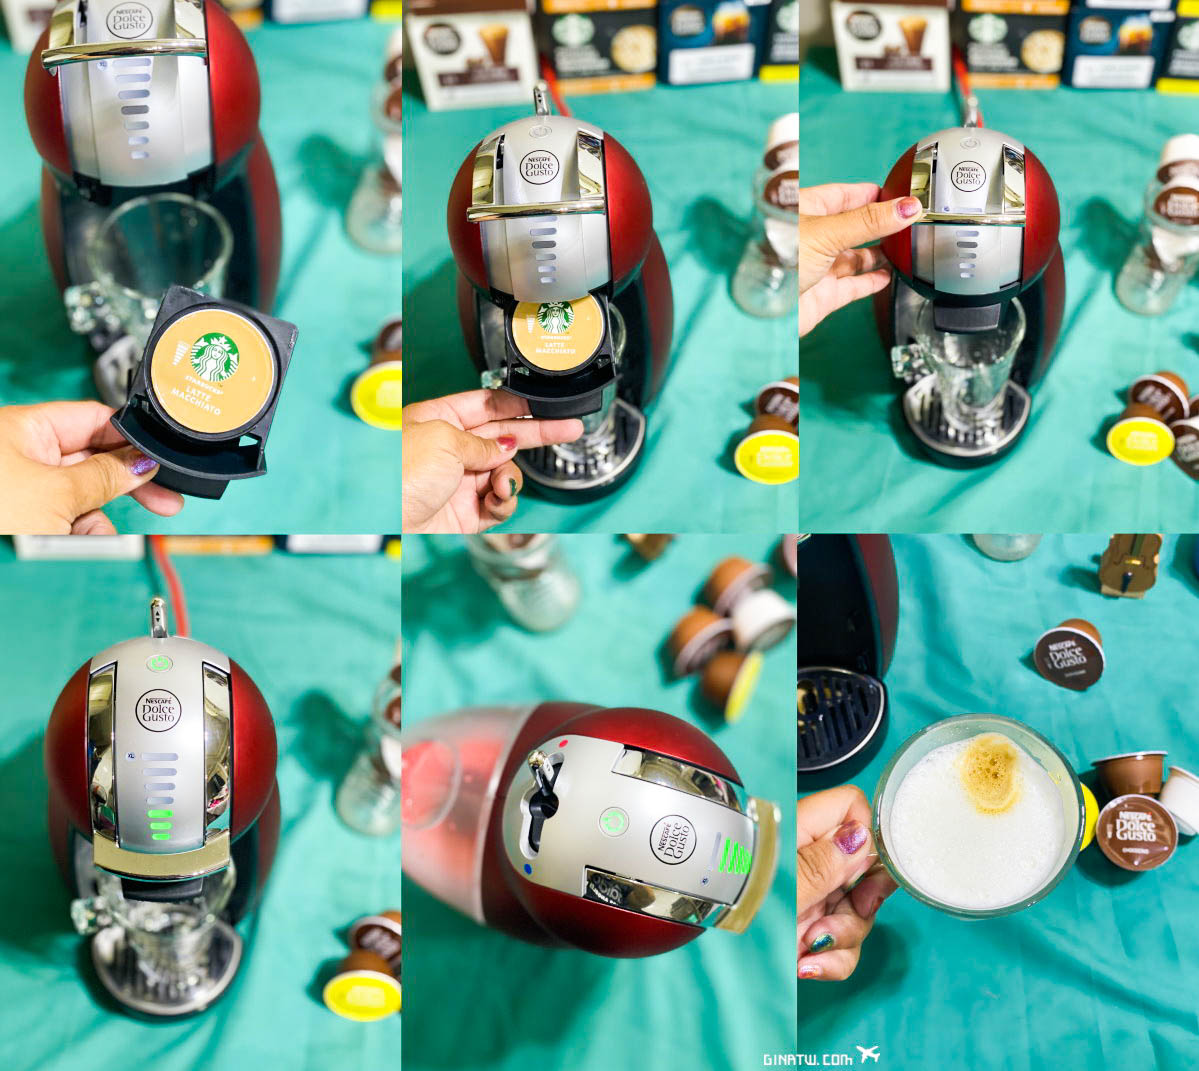 【雀巢多趣酷思膠囊咖啡機】經典企鵝機 Genio 2 星夜紅|NESCAFÉ @GINA環球旅行生活|不會韓文也可以去韓國 🇹🇼